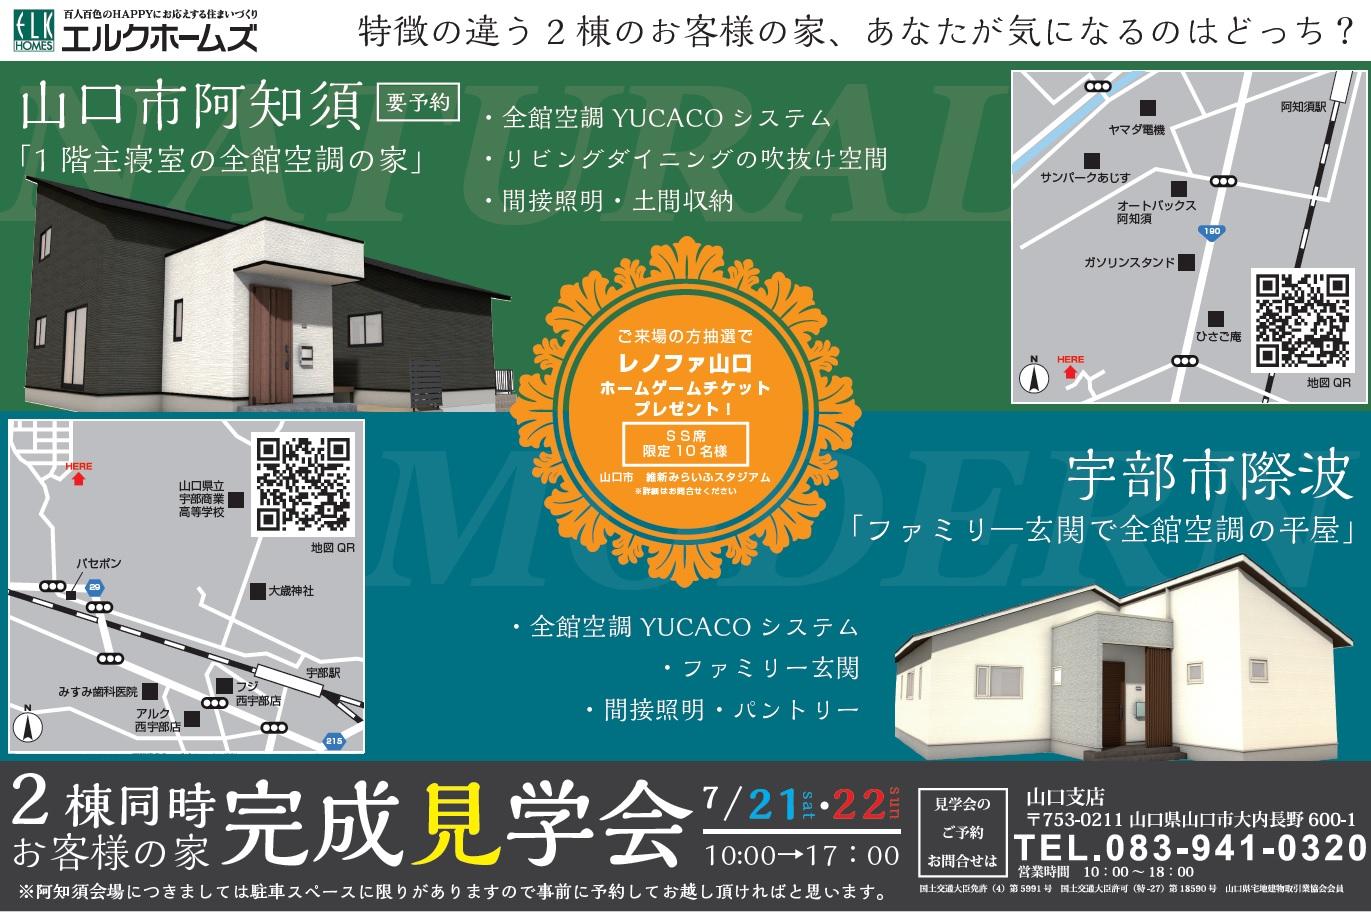 画像:7/21~22 山口市阿知須&宇部市際波にて完成見学会開催!